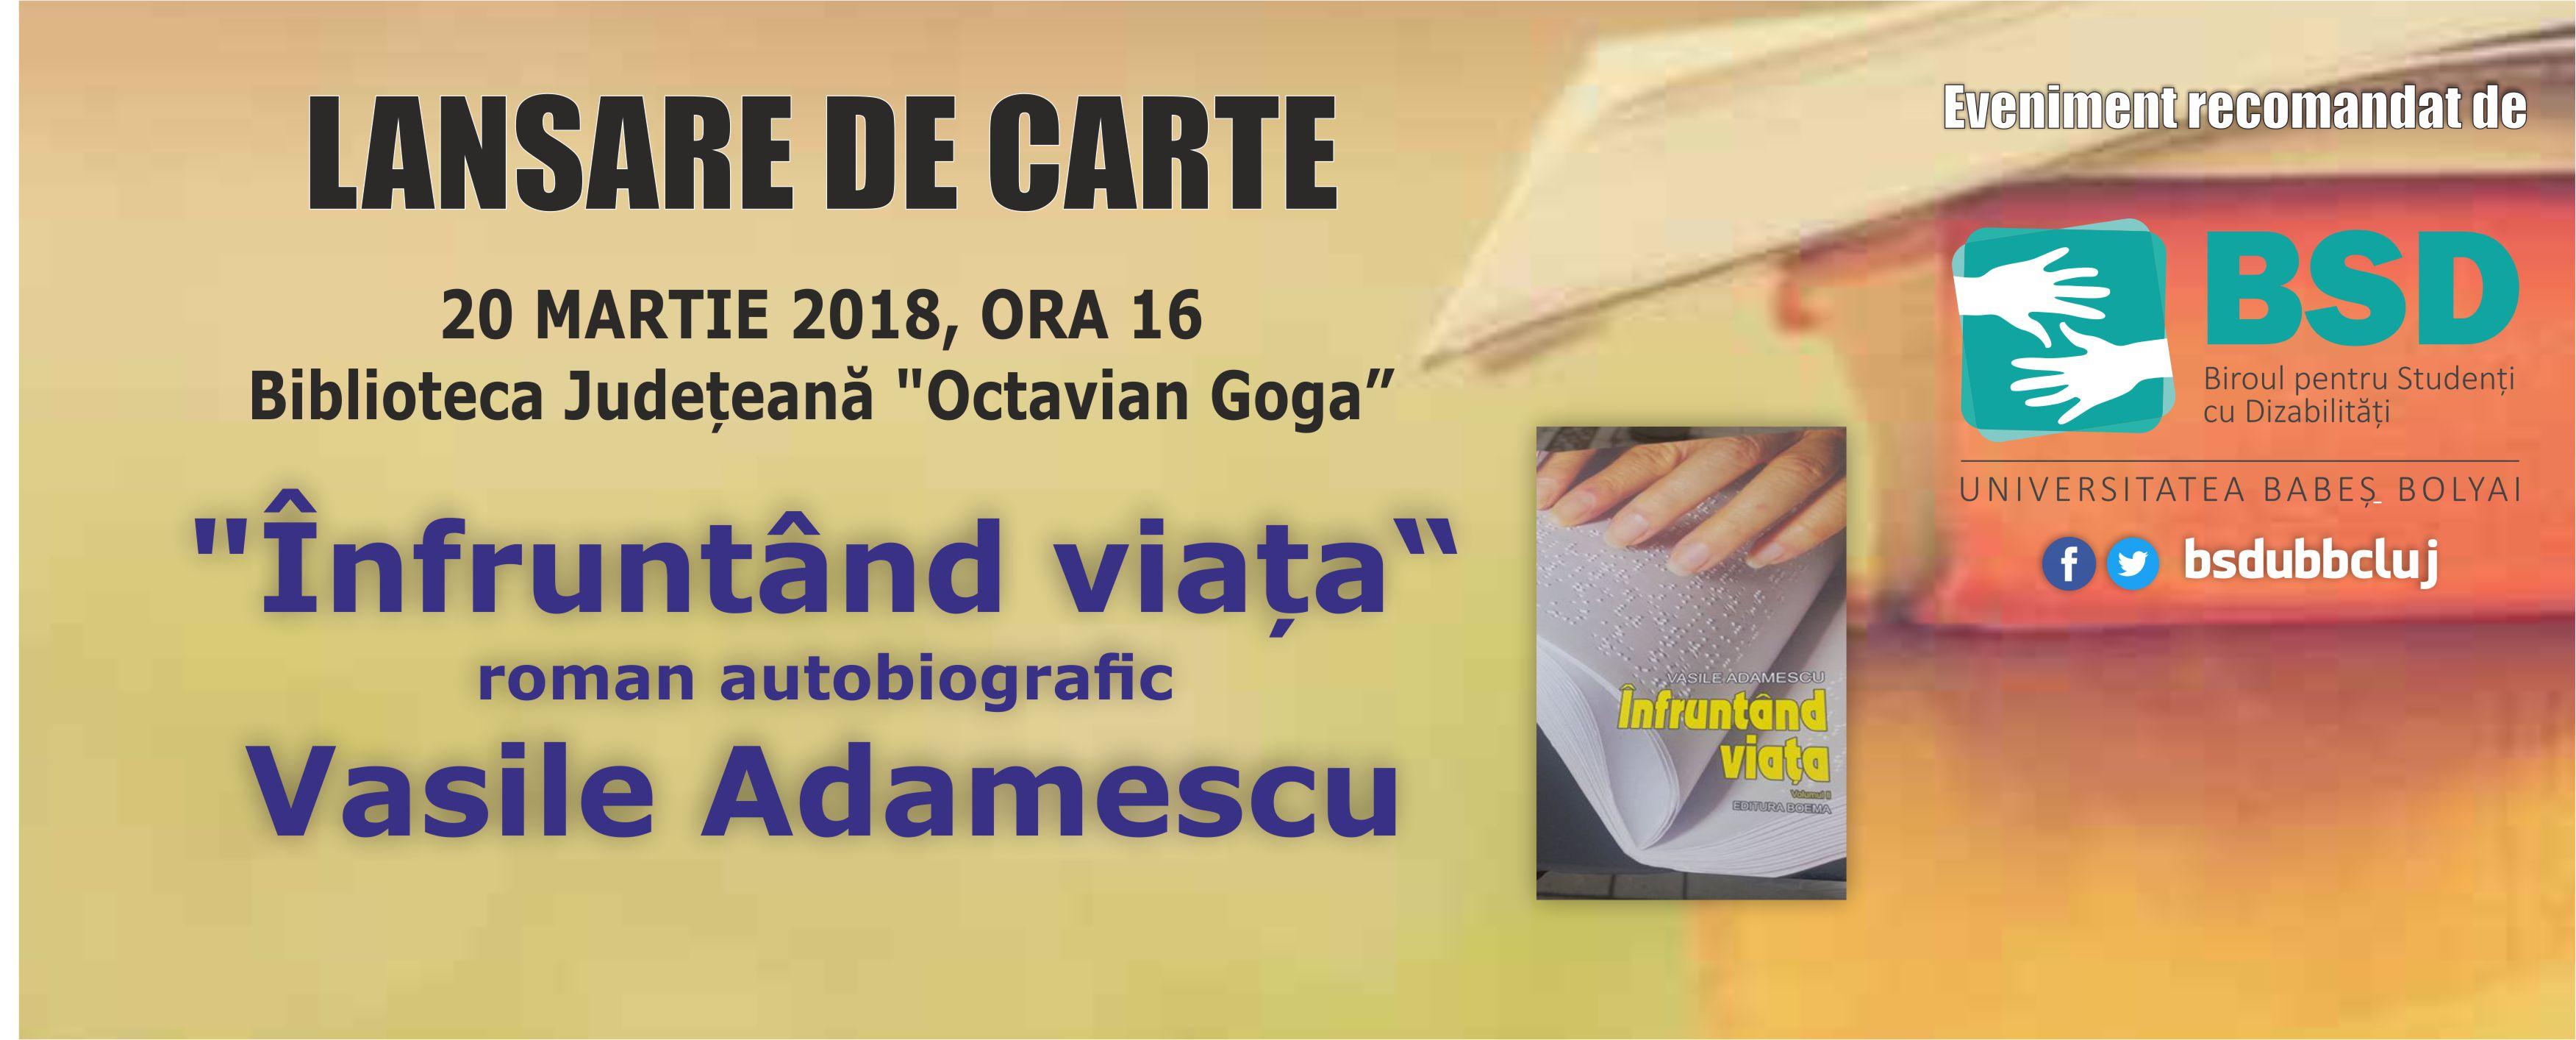 banner adamescu lansare carte